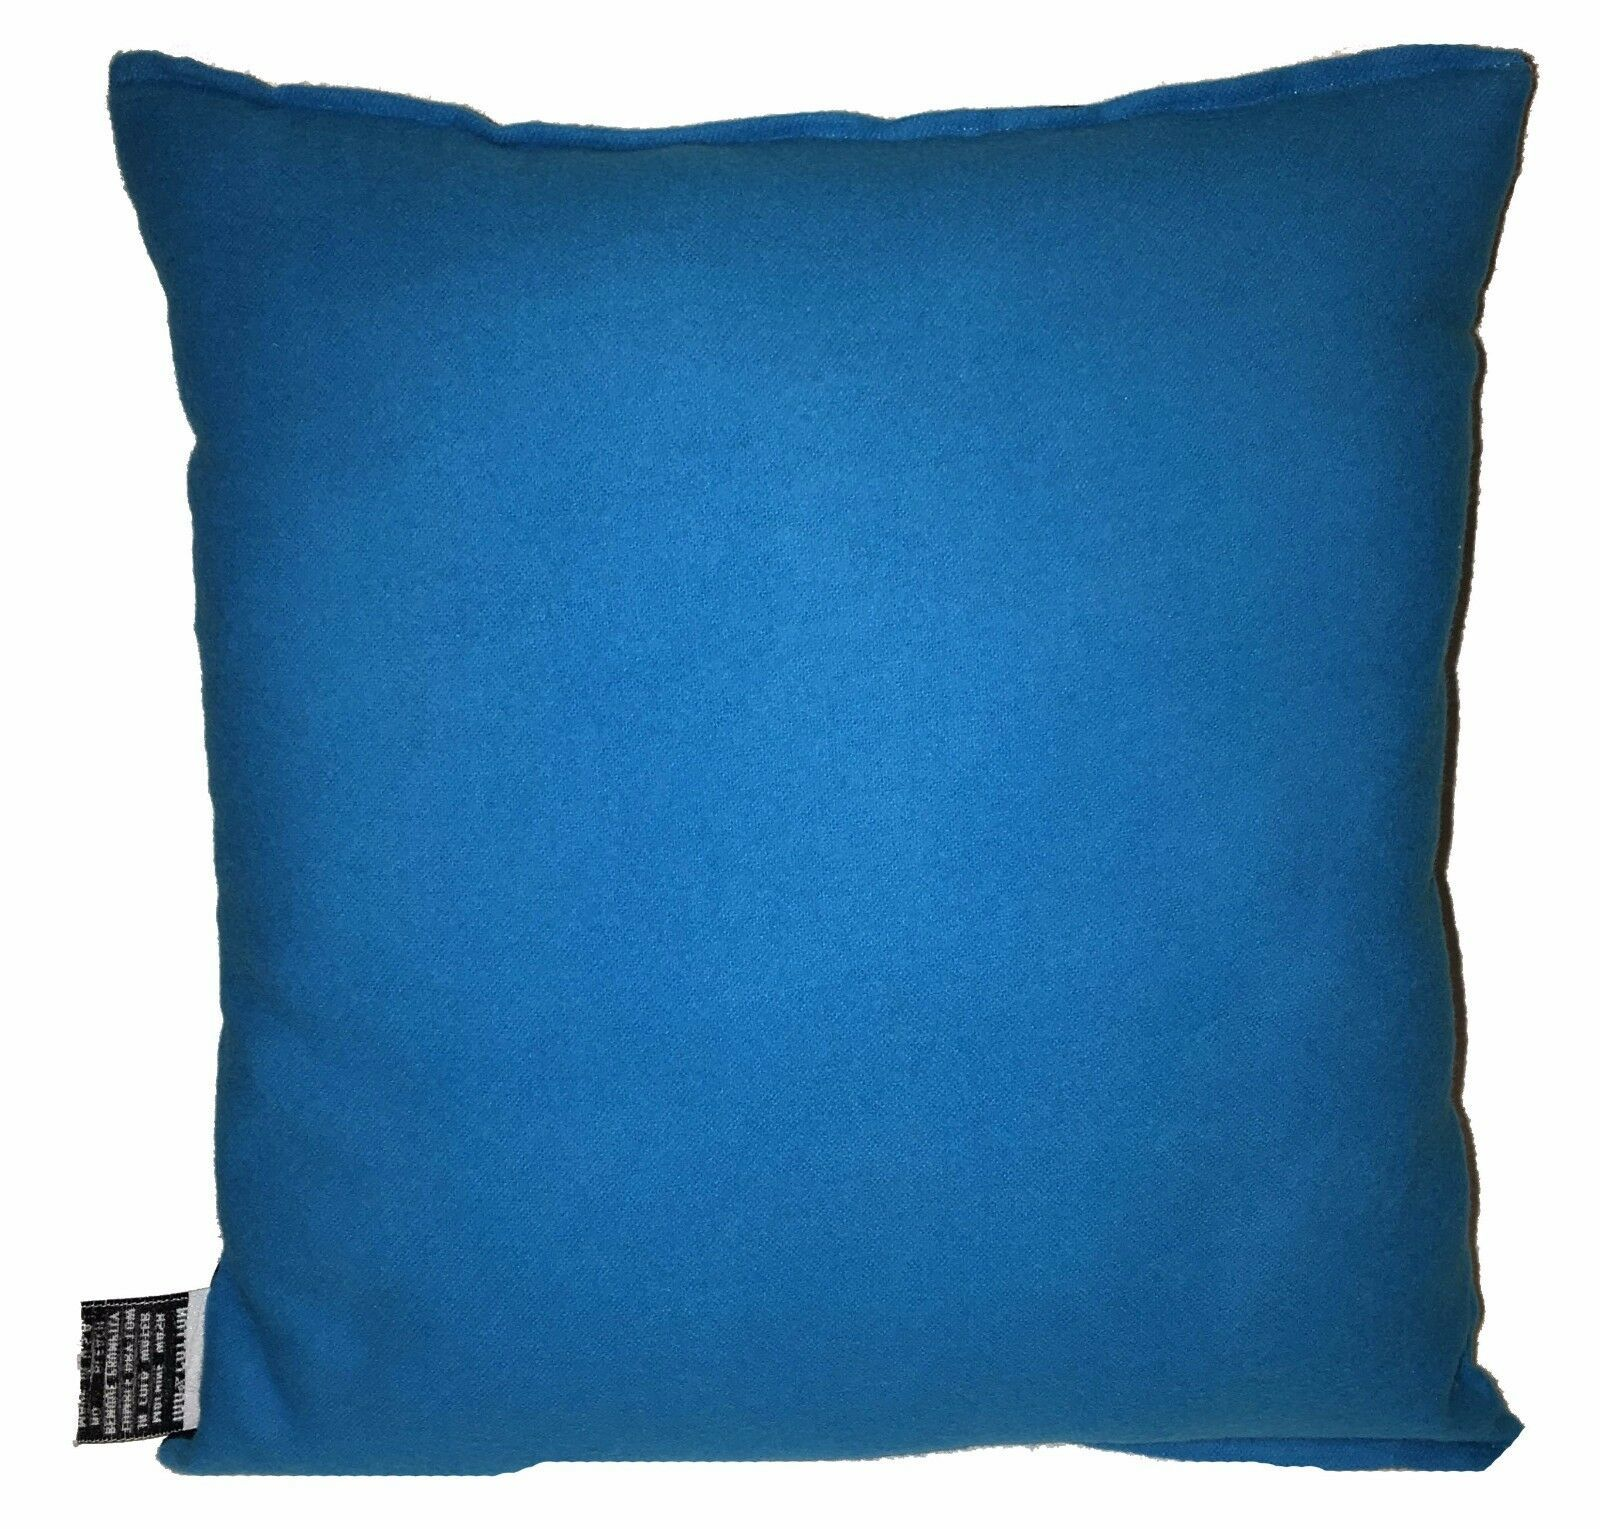 Panthers Pillow Carolina NFL Pillow Handmade Made In USA image 2